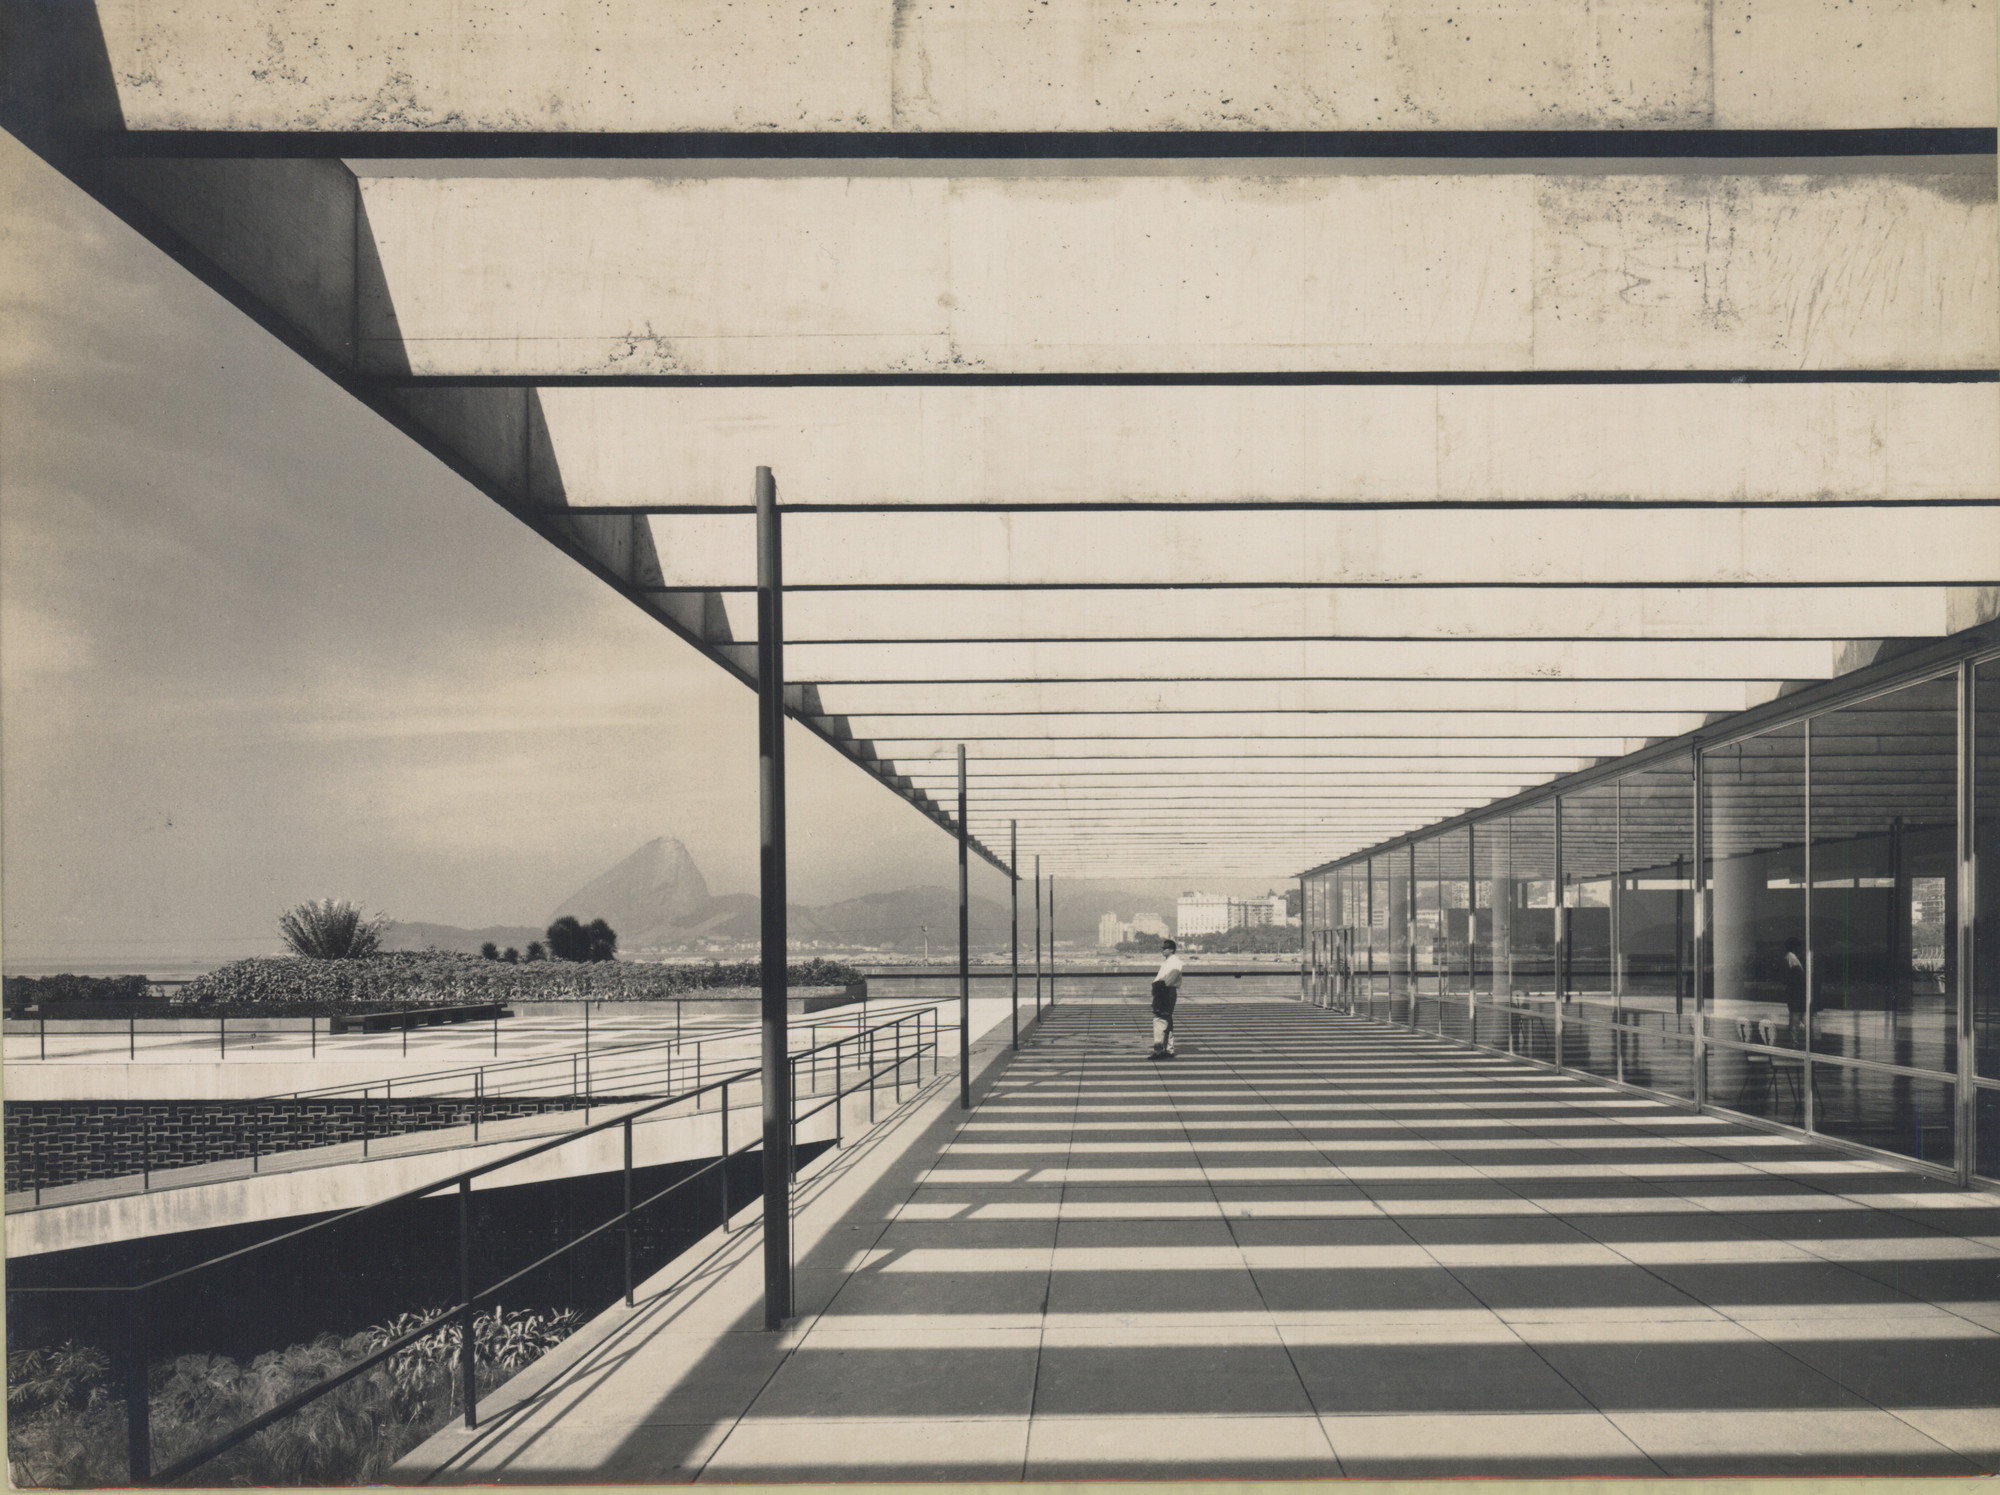 Affonso Eduardo Reidy. Museum of Modern Art of Rio de Janeiro (MAM), Rio de Janeiro, Brazil, 1934-1947. ©Núcleo de Documentação e Pesquisa – Faculdade de Arquitetura e Urbanismo da Universidade Federal do Rio de Janeiro